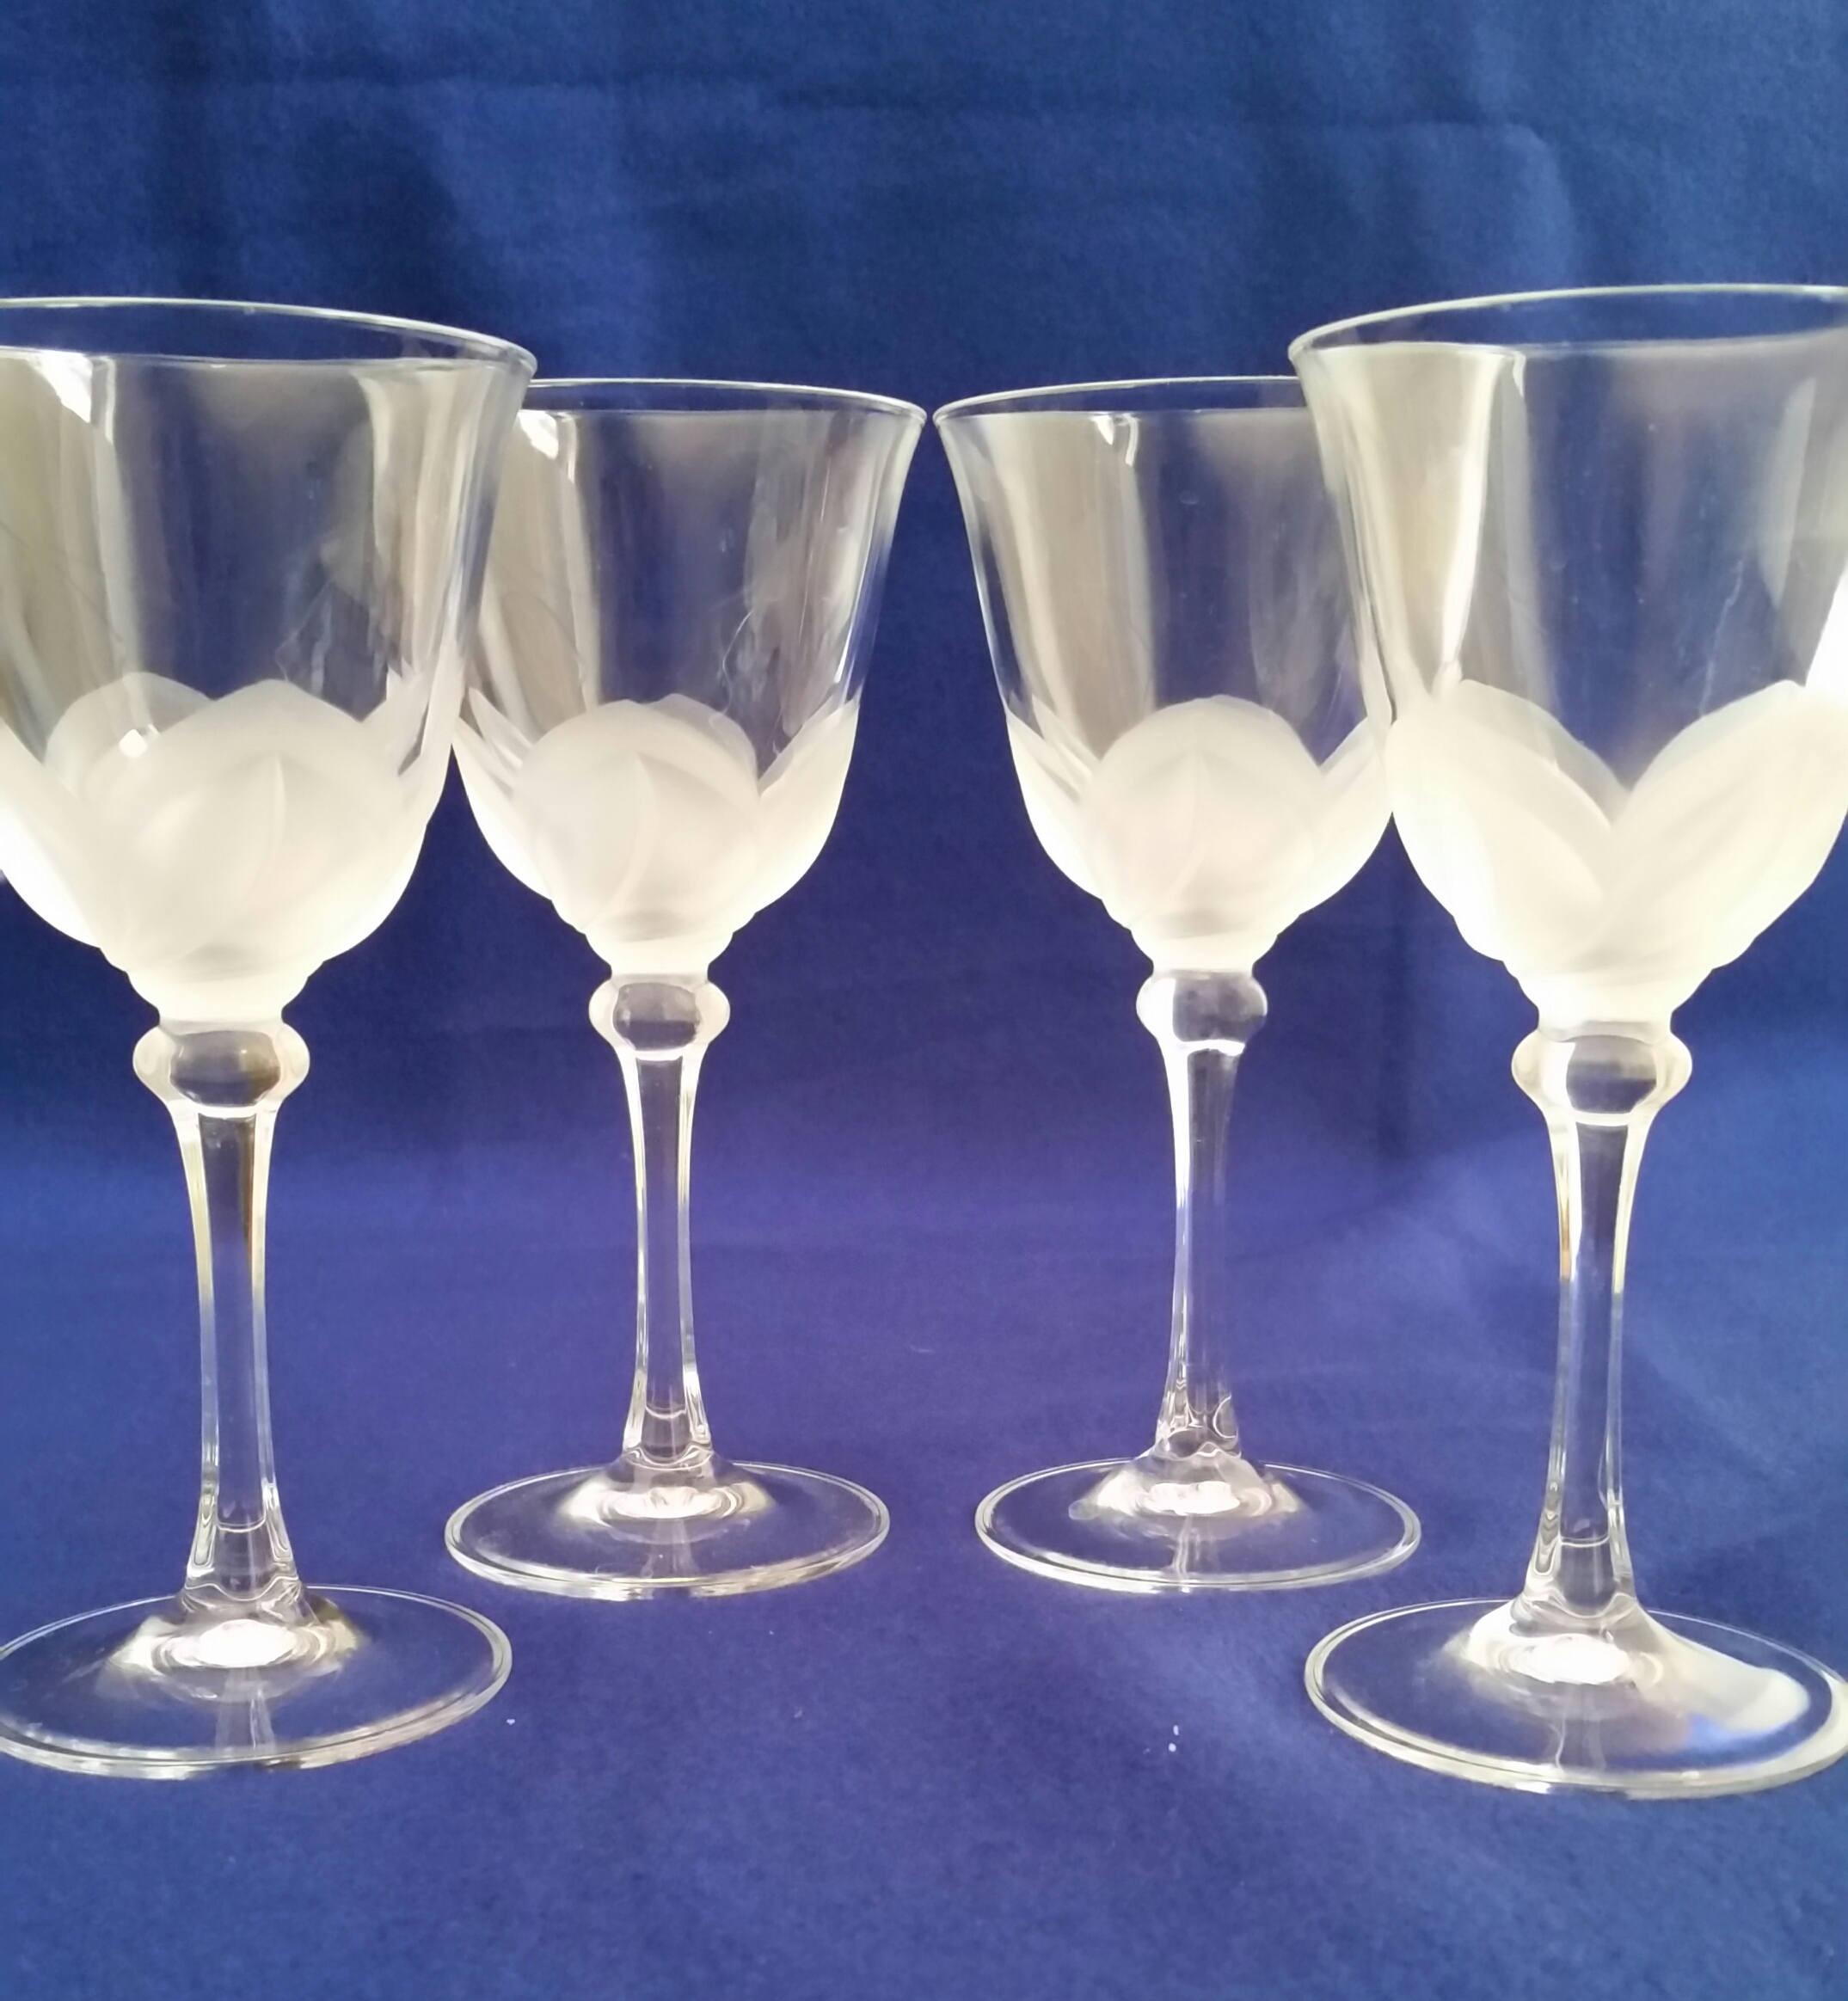 cristal d arques vase france of cristal d arques durand florence wine glasses frosted etsy regarding dc29fc294c28epowiac299ksz